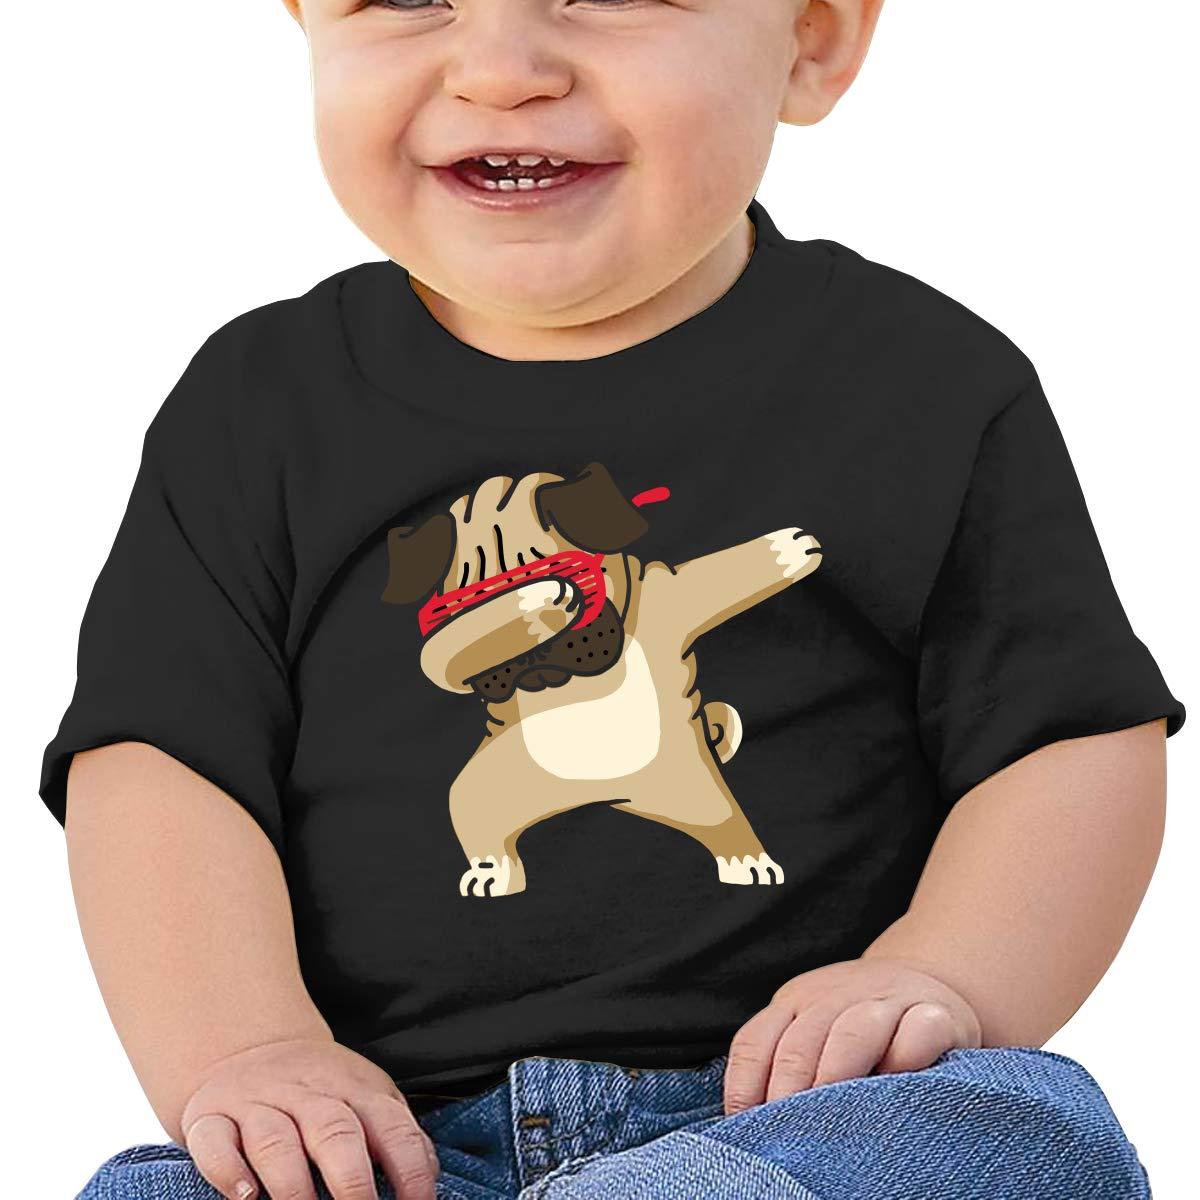 ZUGFGF-S3 Dabbing Pug Hip Hop Boy Girl Newborn Short Sleeve Tee Shirt 6-24 Month Cotton Tops